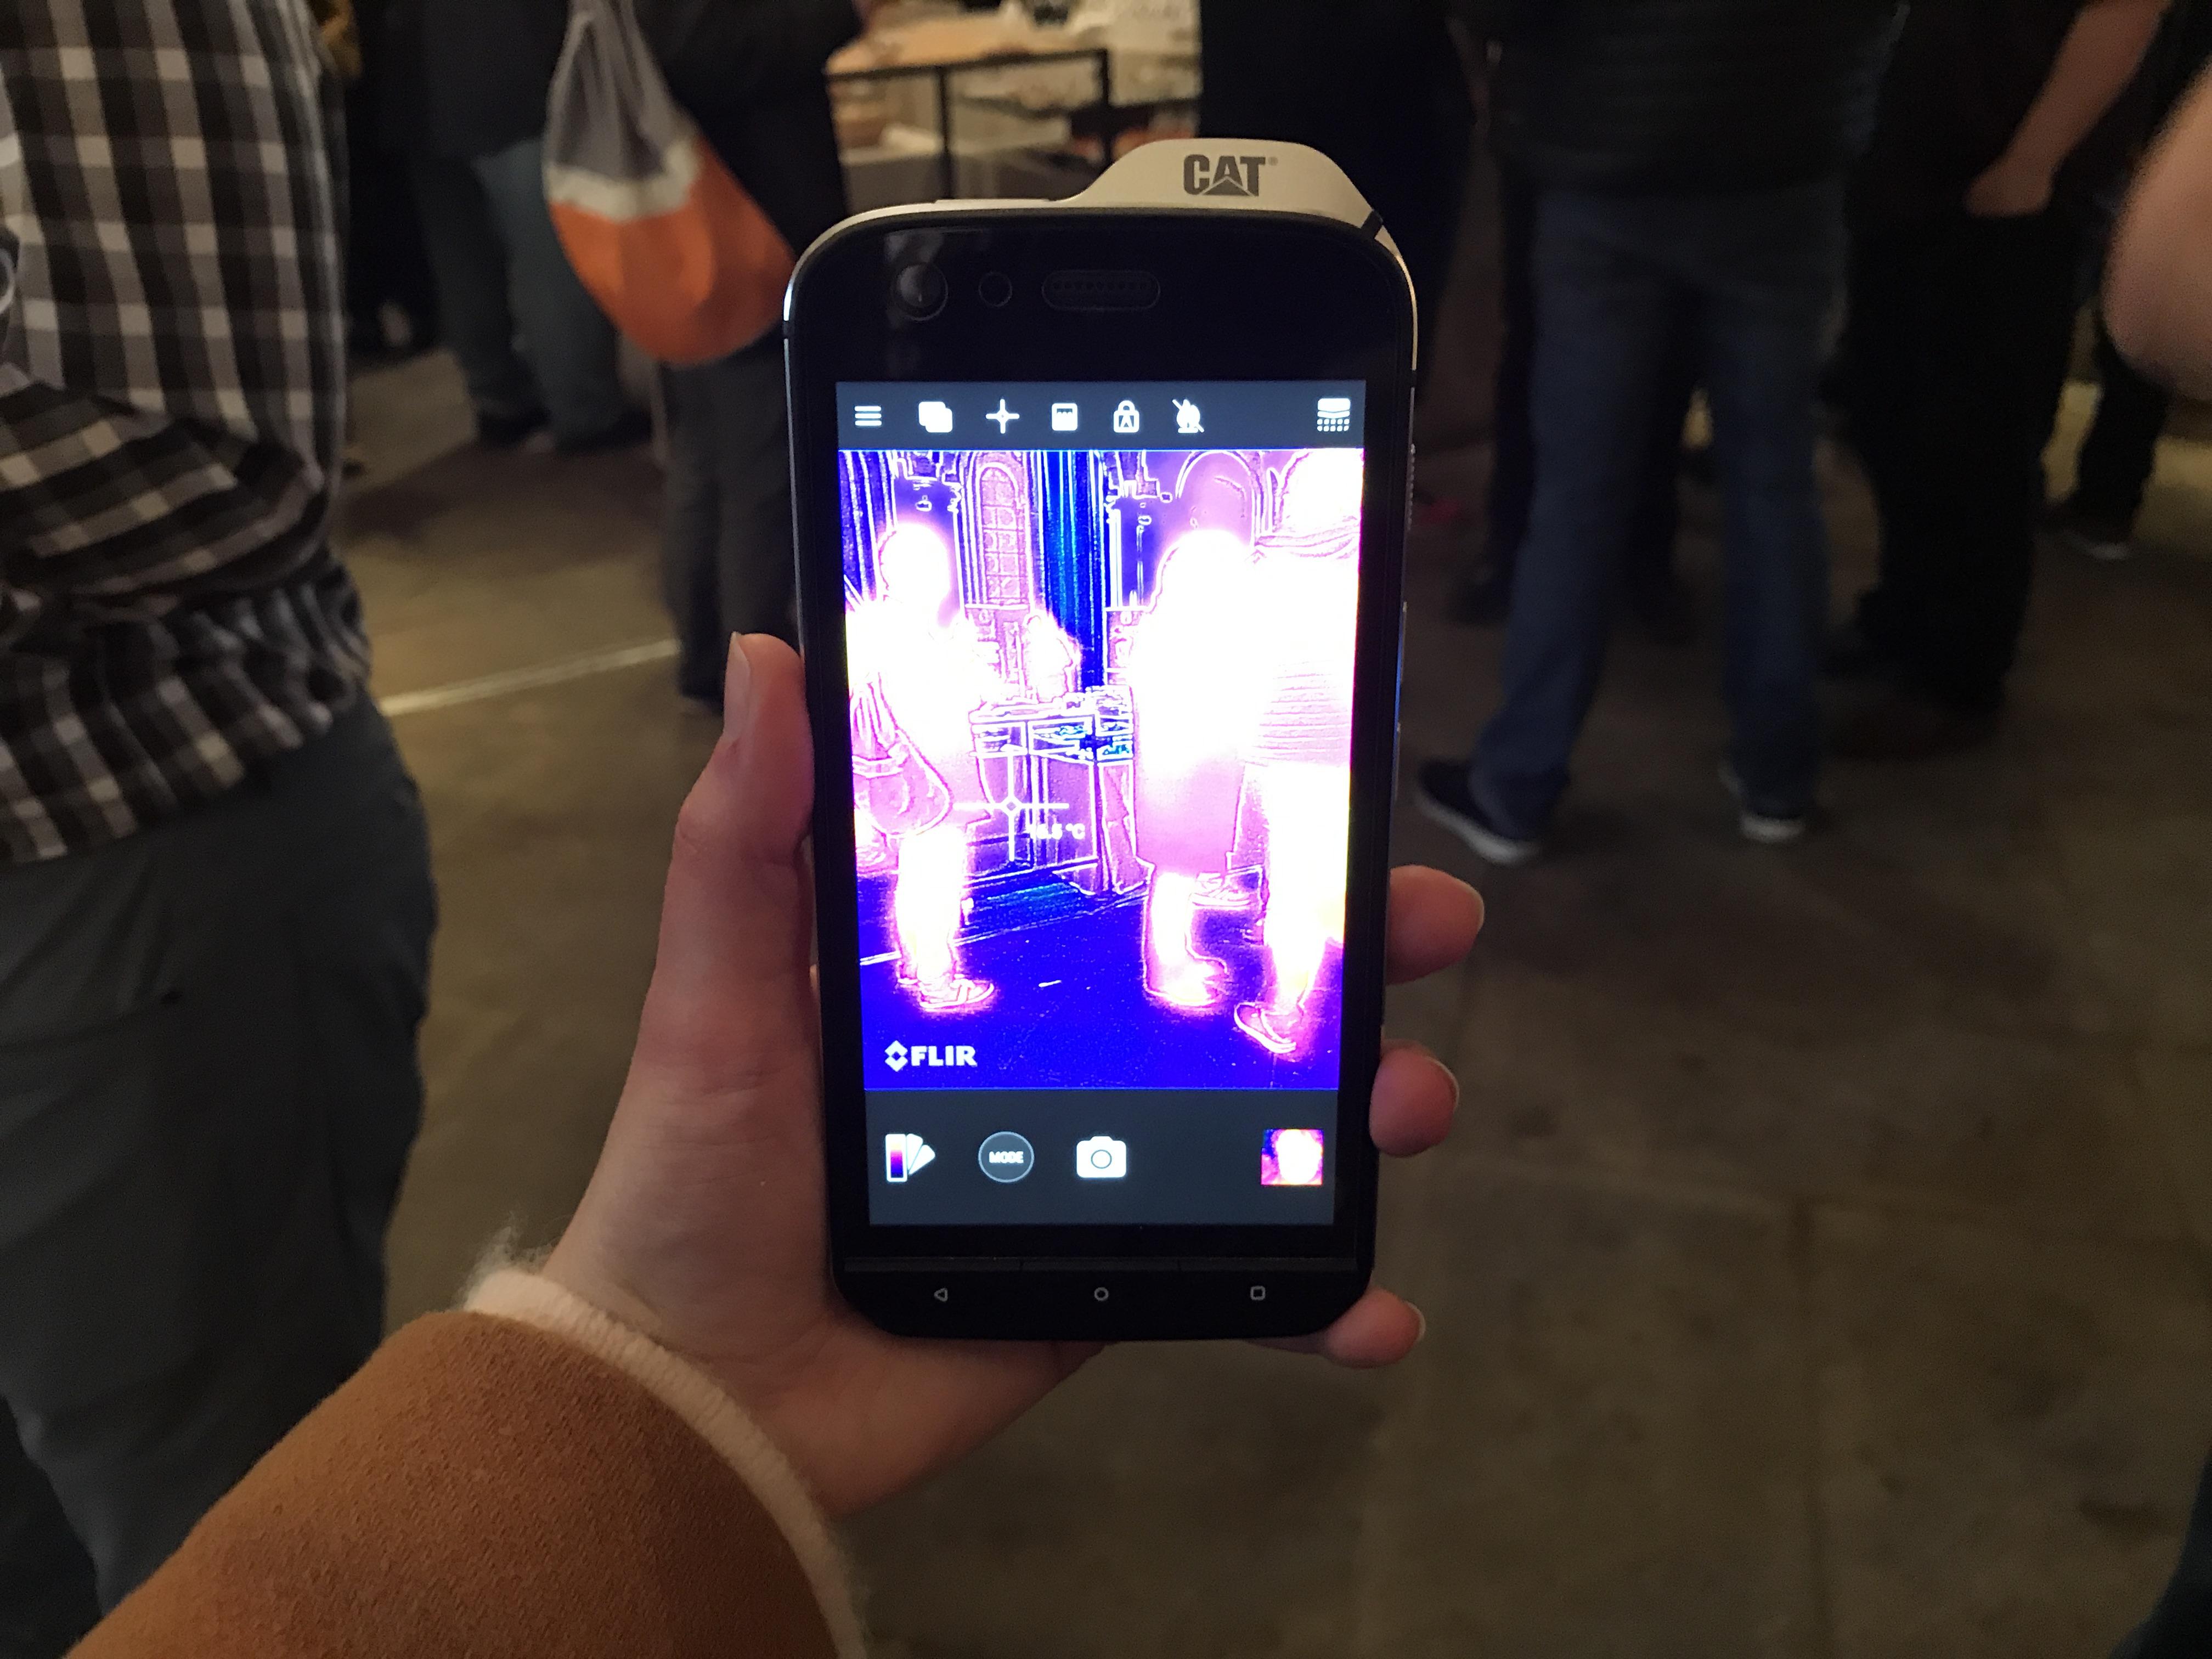 au mwc caterpillar d voile un smartphone tout terrain avec une cam ra thermique tech numerama. Black Bedroom Furniture Sets. Home Design Ideas